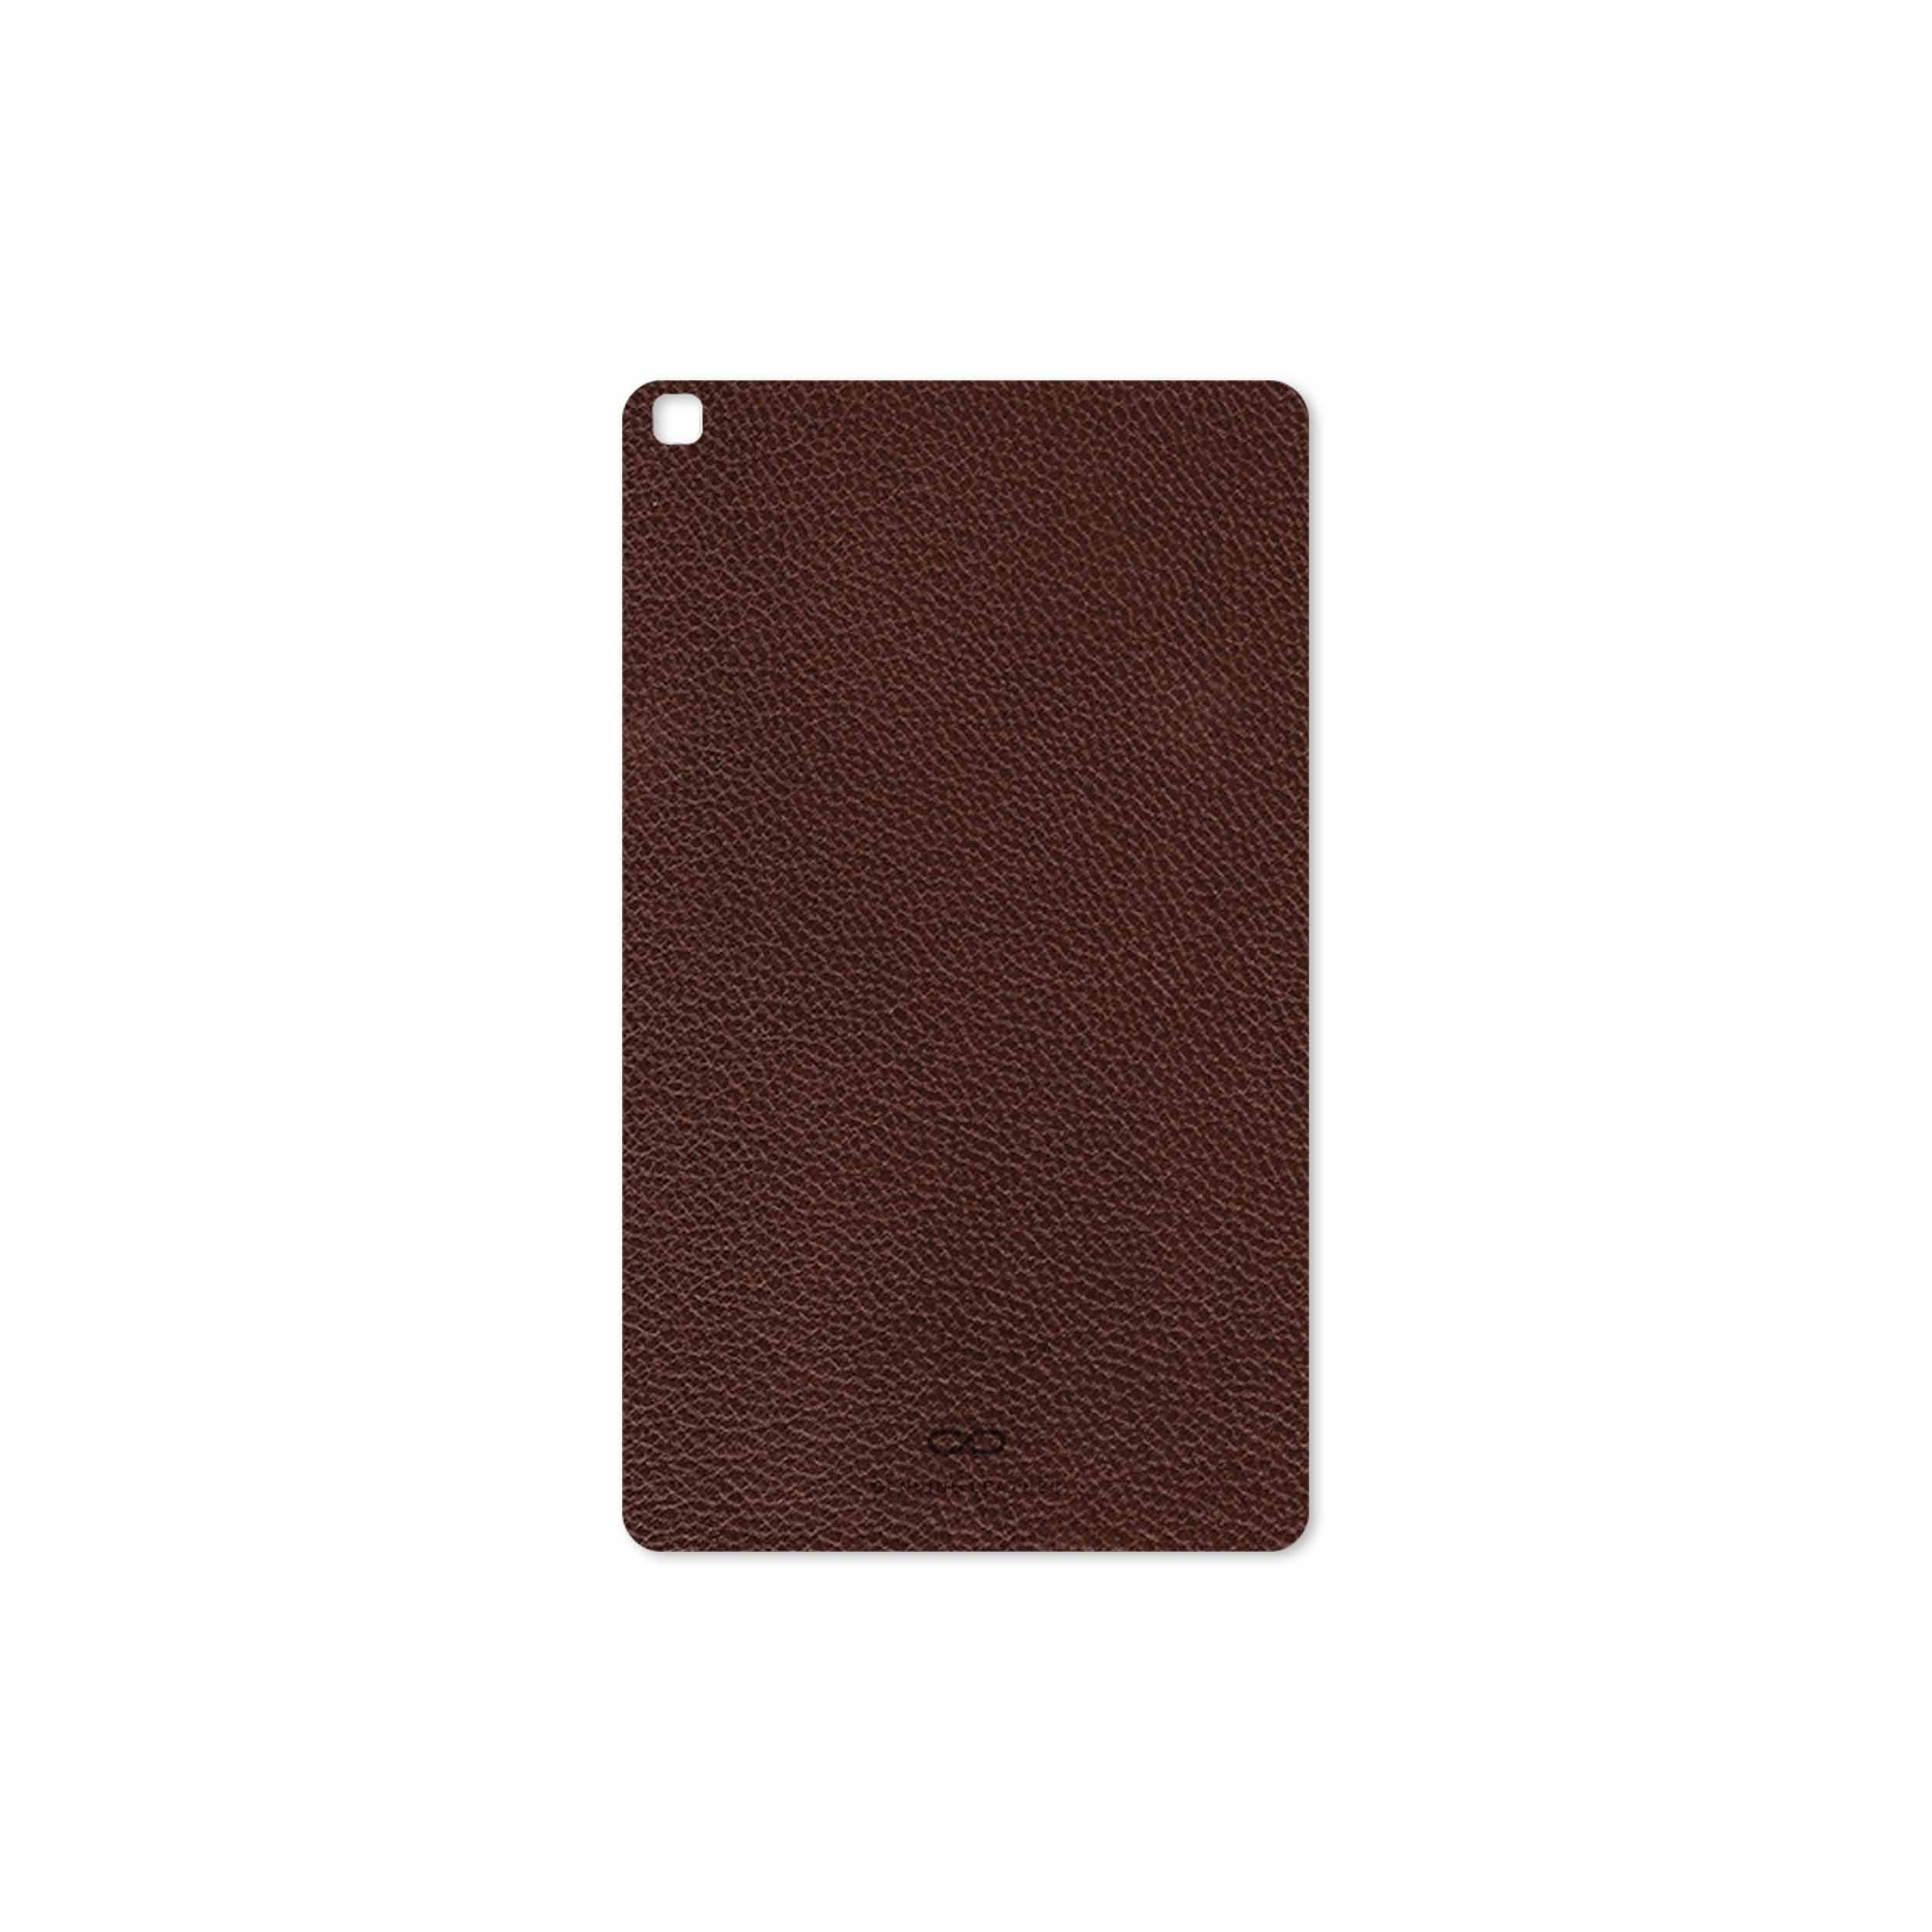 بررسی و خرید [با تخفیف]                                     برچسب پوششی ماهوت مدل Natural-Leather مناسب برای تبلت سامسونگ Galaxy Tab A 8.0 2019 T295                             اورجینال